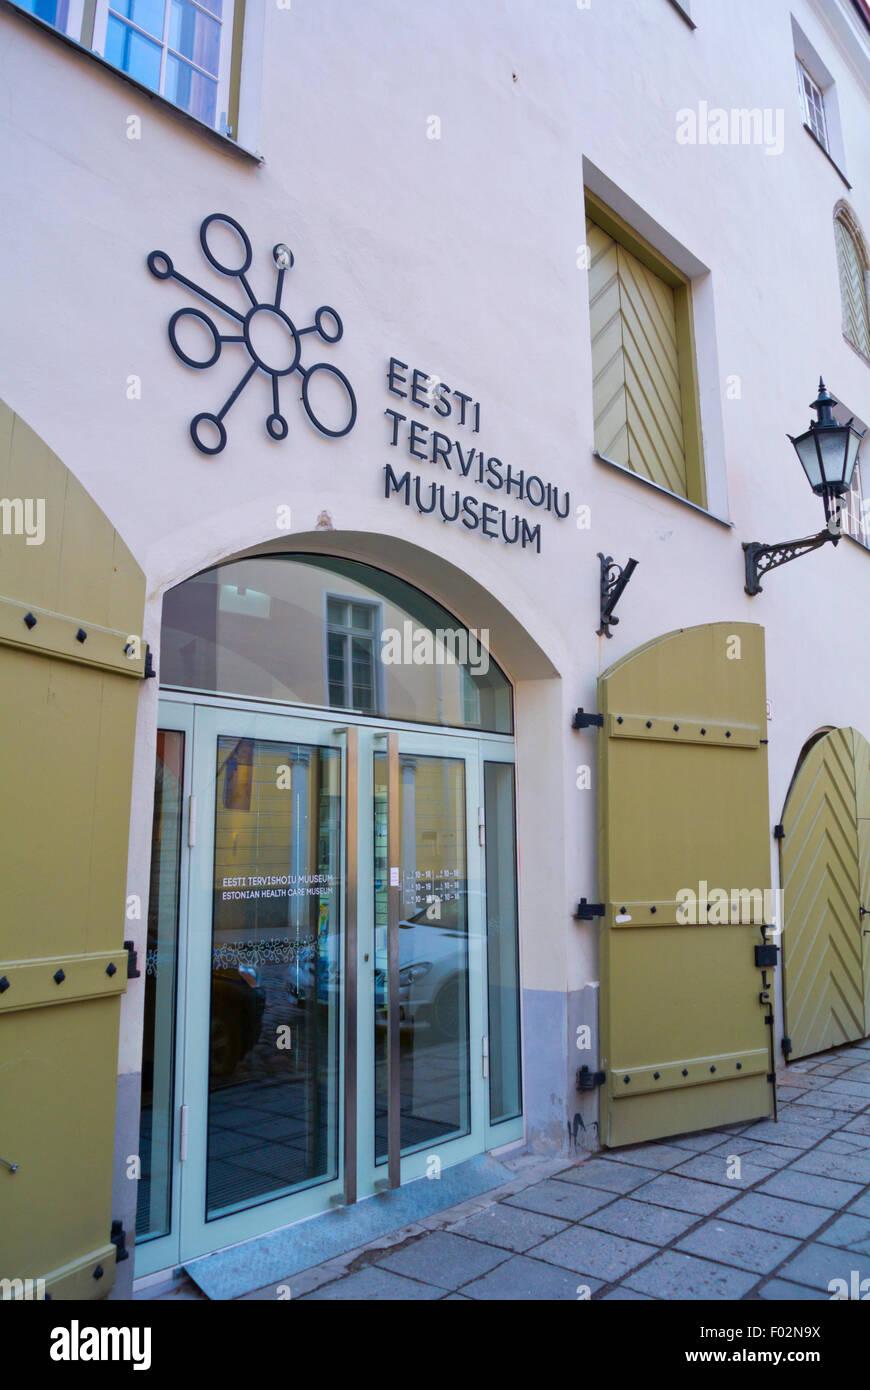 Tervishoiu muuseum, musée des soins de santé, le Lai street, old town, Tallinn, Estonie, dans le nord Photo Stock